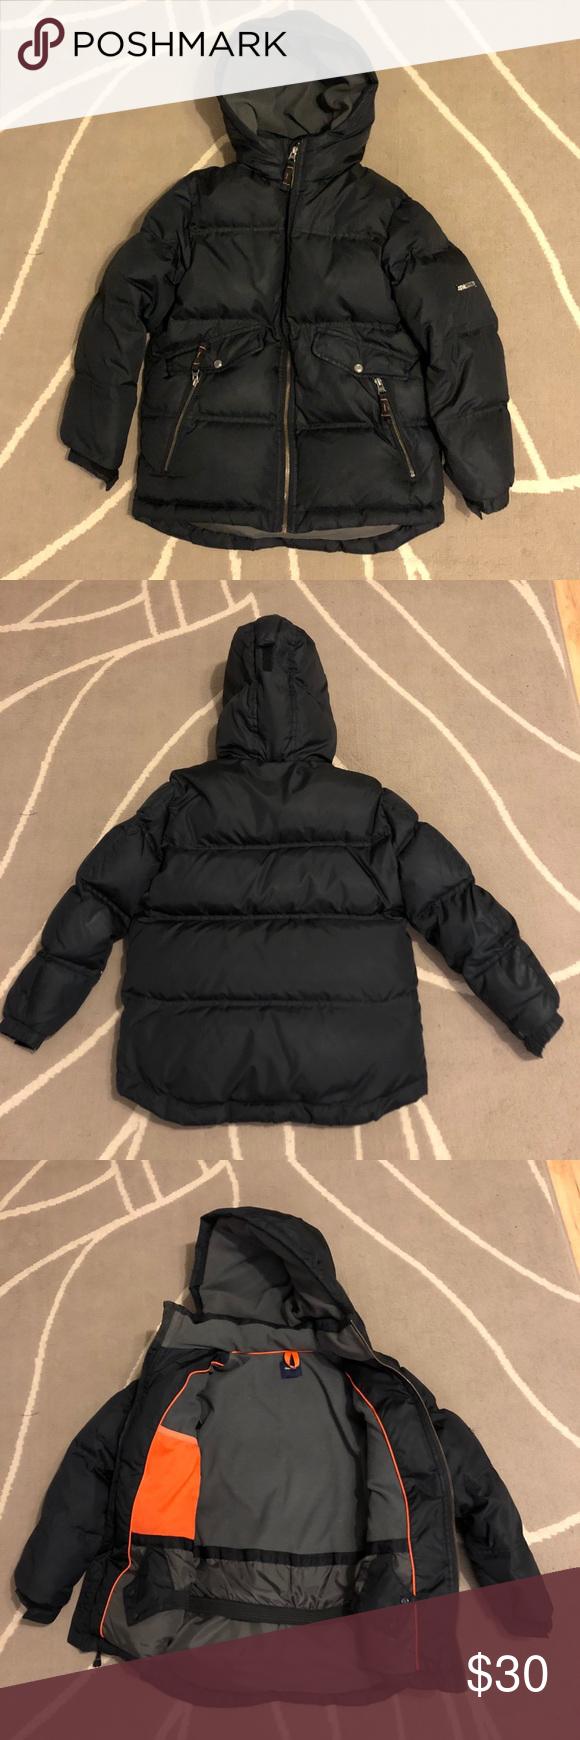 Boys Gap Kids Black Puffer Jacket In Size8 Medium Black Puffer Jacket Puffer Jackets Gap Kids [ 1740 x 580 Pixel ]